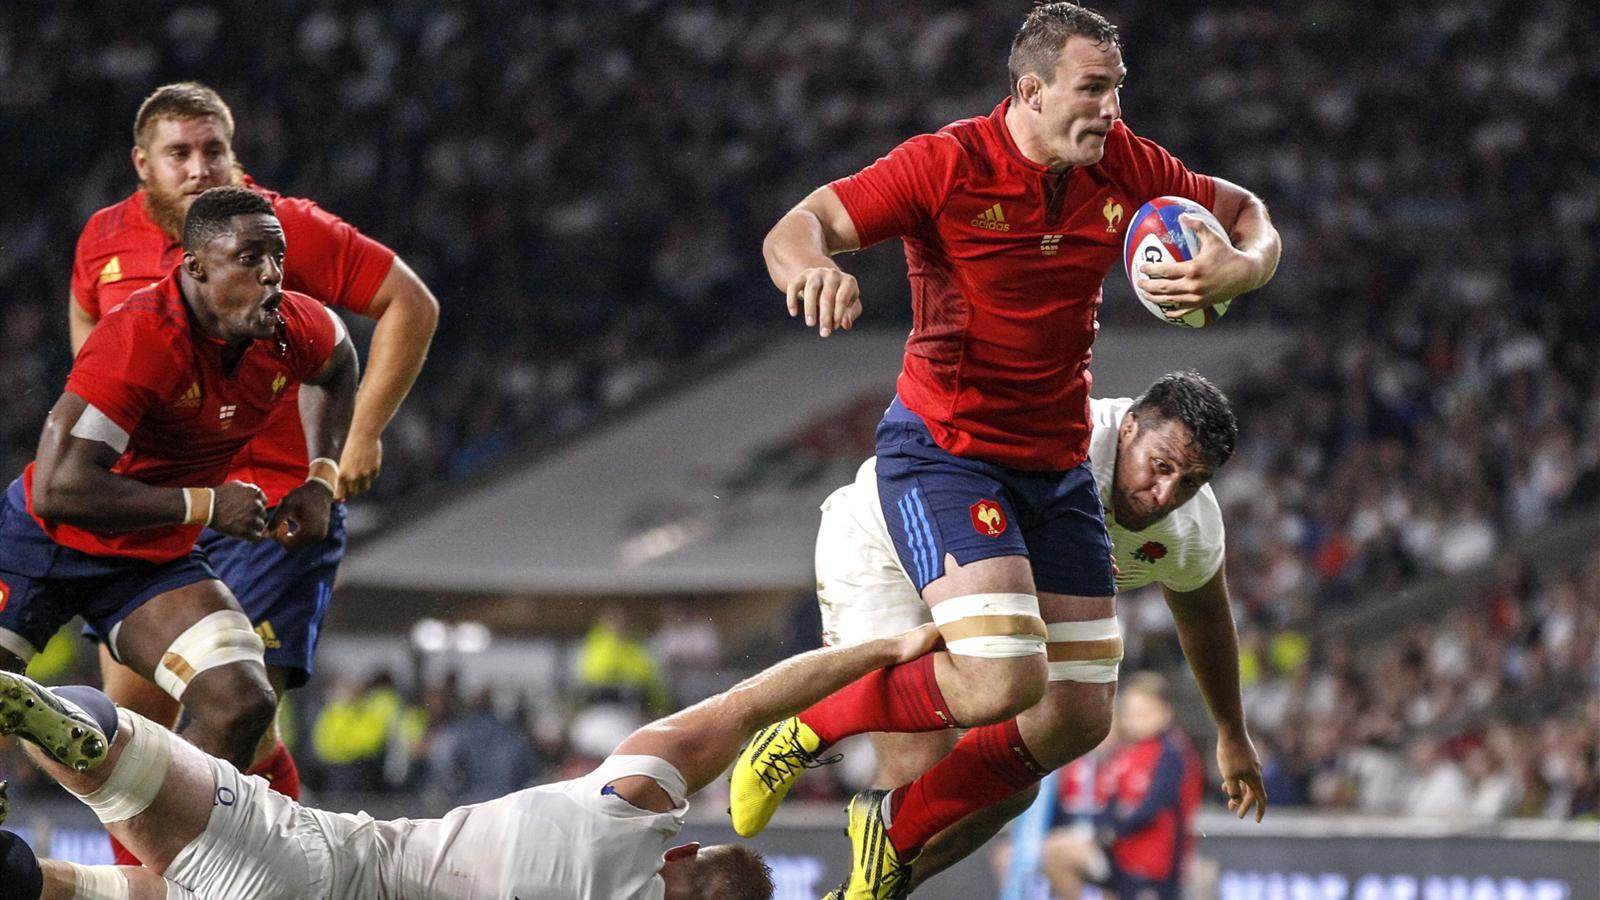 Pr paration coupe du monde xv de france louis picamoles - Coupe de france rugby 2015 ...